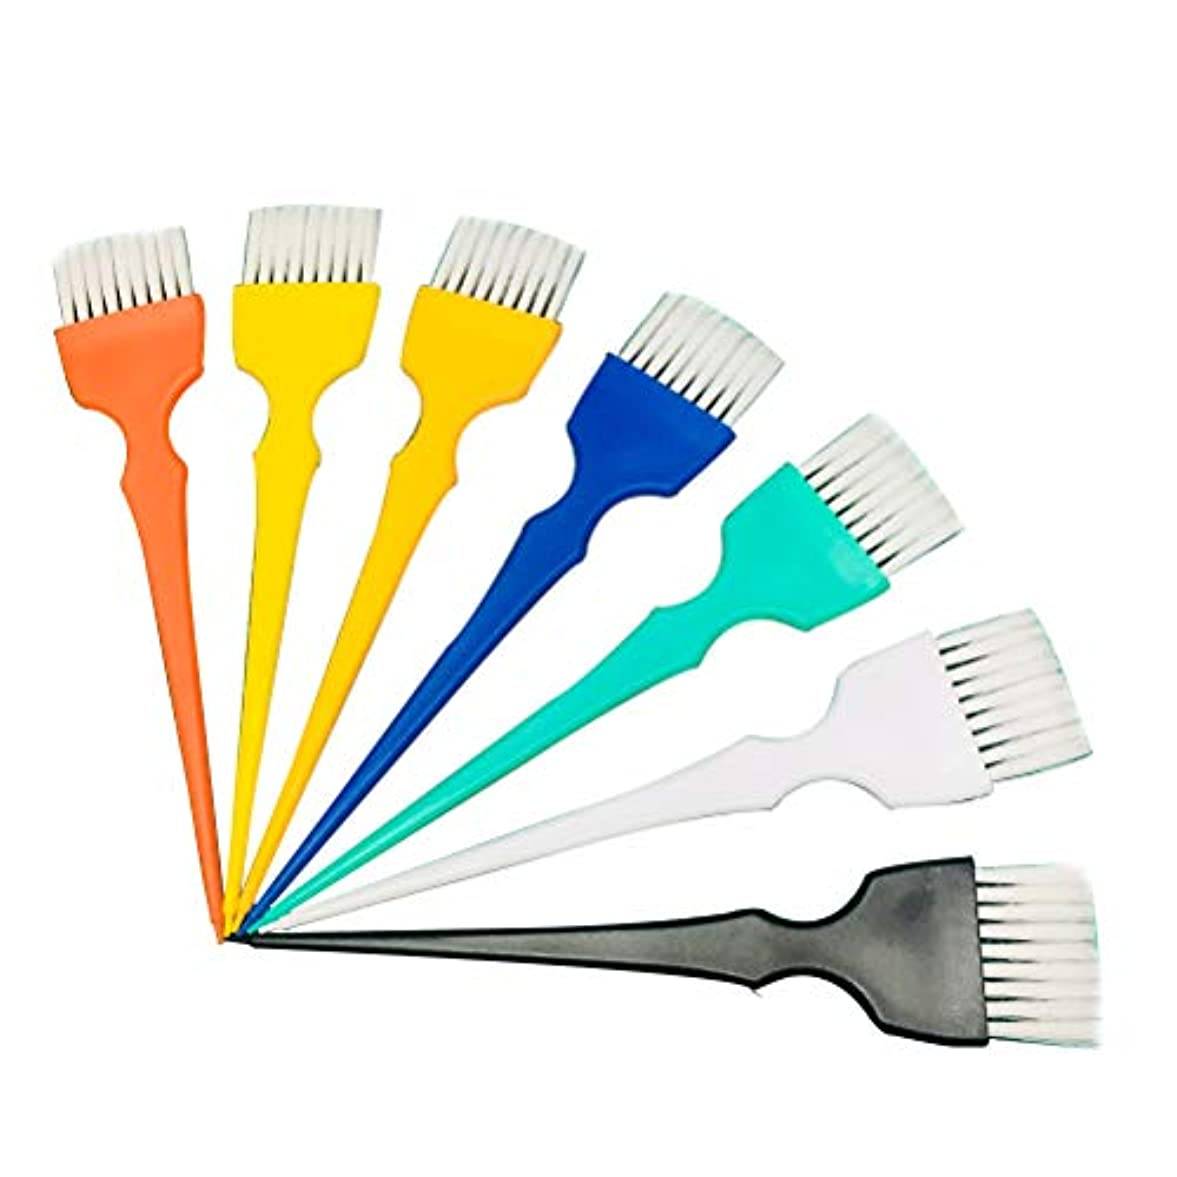 形状ビルダー震えFrcolor ヘアダイブラシ ヘアカラーブラシ ヘアダイコーム 白髪染め 家庭用 美容師プロ用 プラスチック製 7本セット(ランダムカラー)